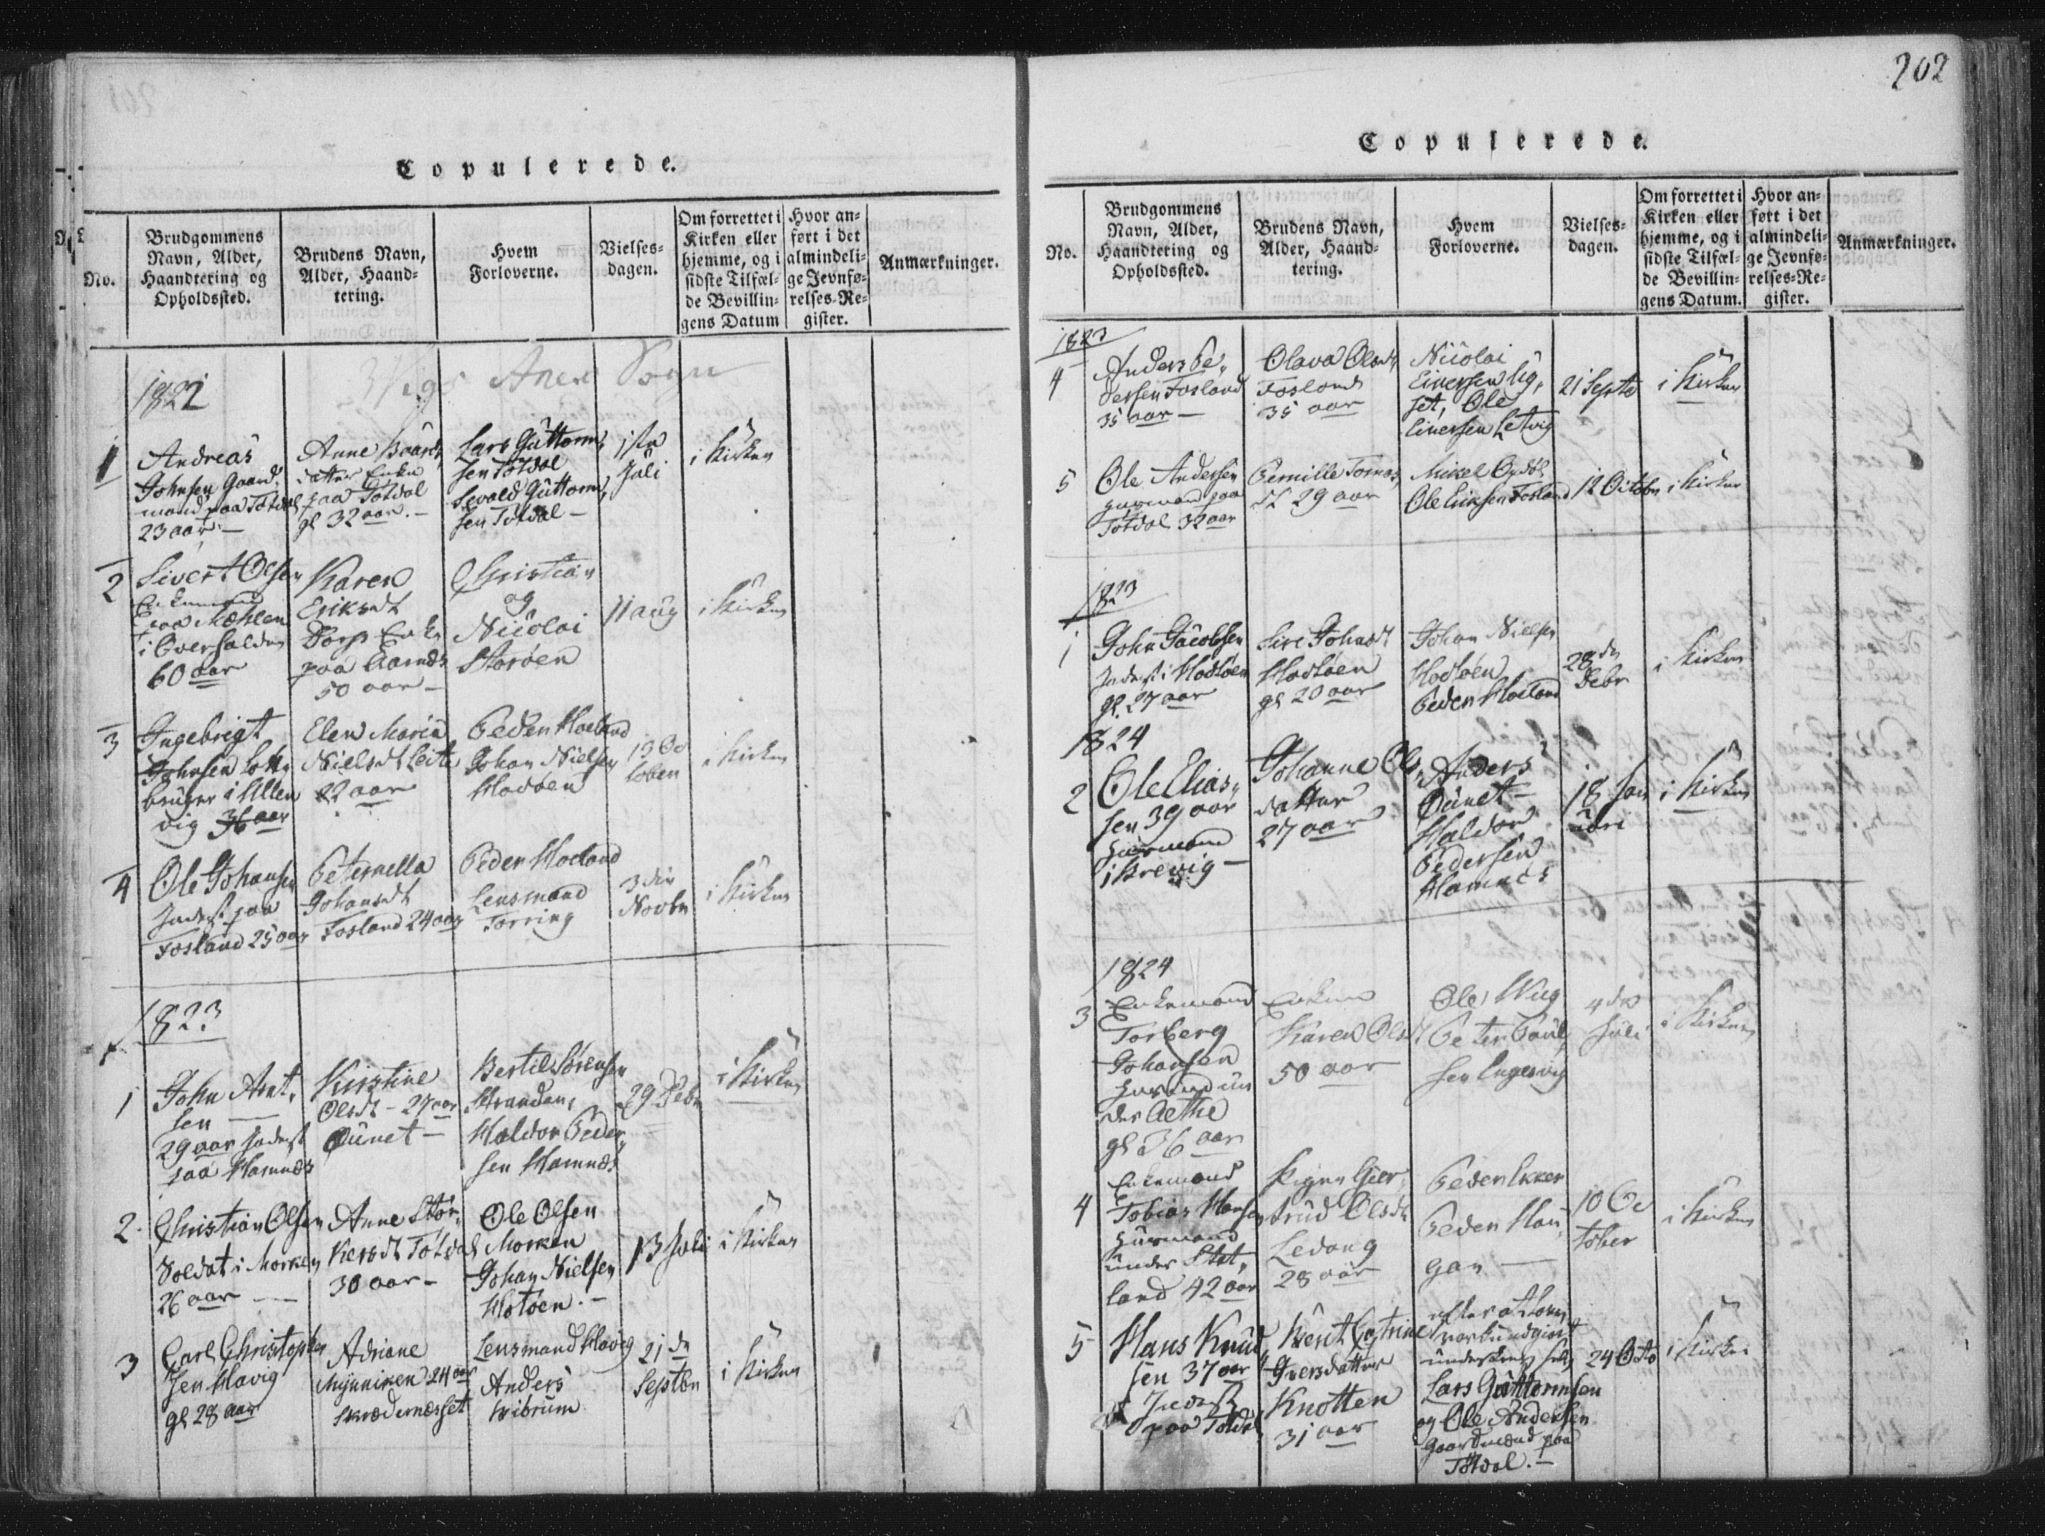 SAT, Ministerialprotokoller, klokkerbøker og fødselsregistre - Nord-Trøndelag, 773/L0609: Ministerialbok nr. 773A03 /2, 1815-1830, s. 202